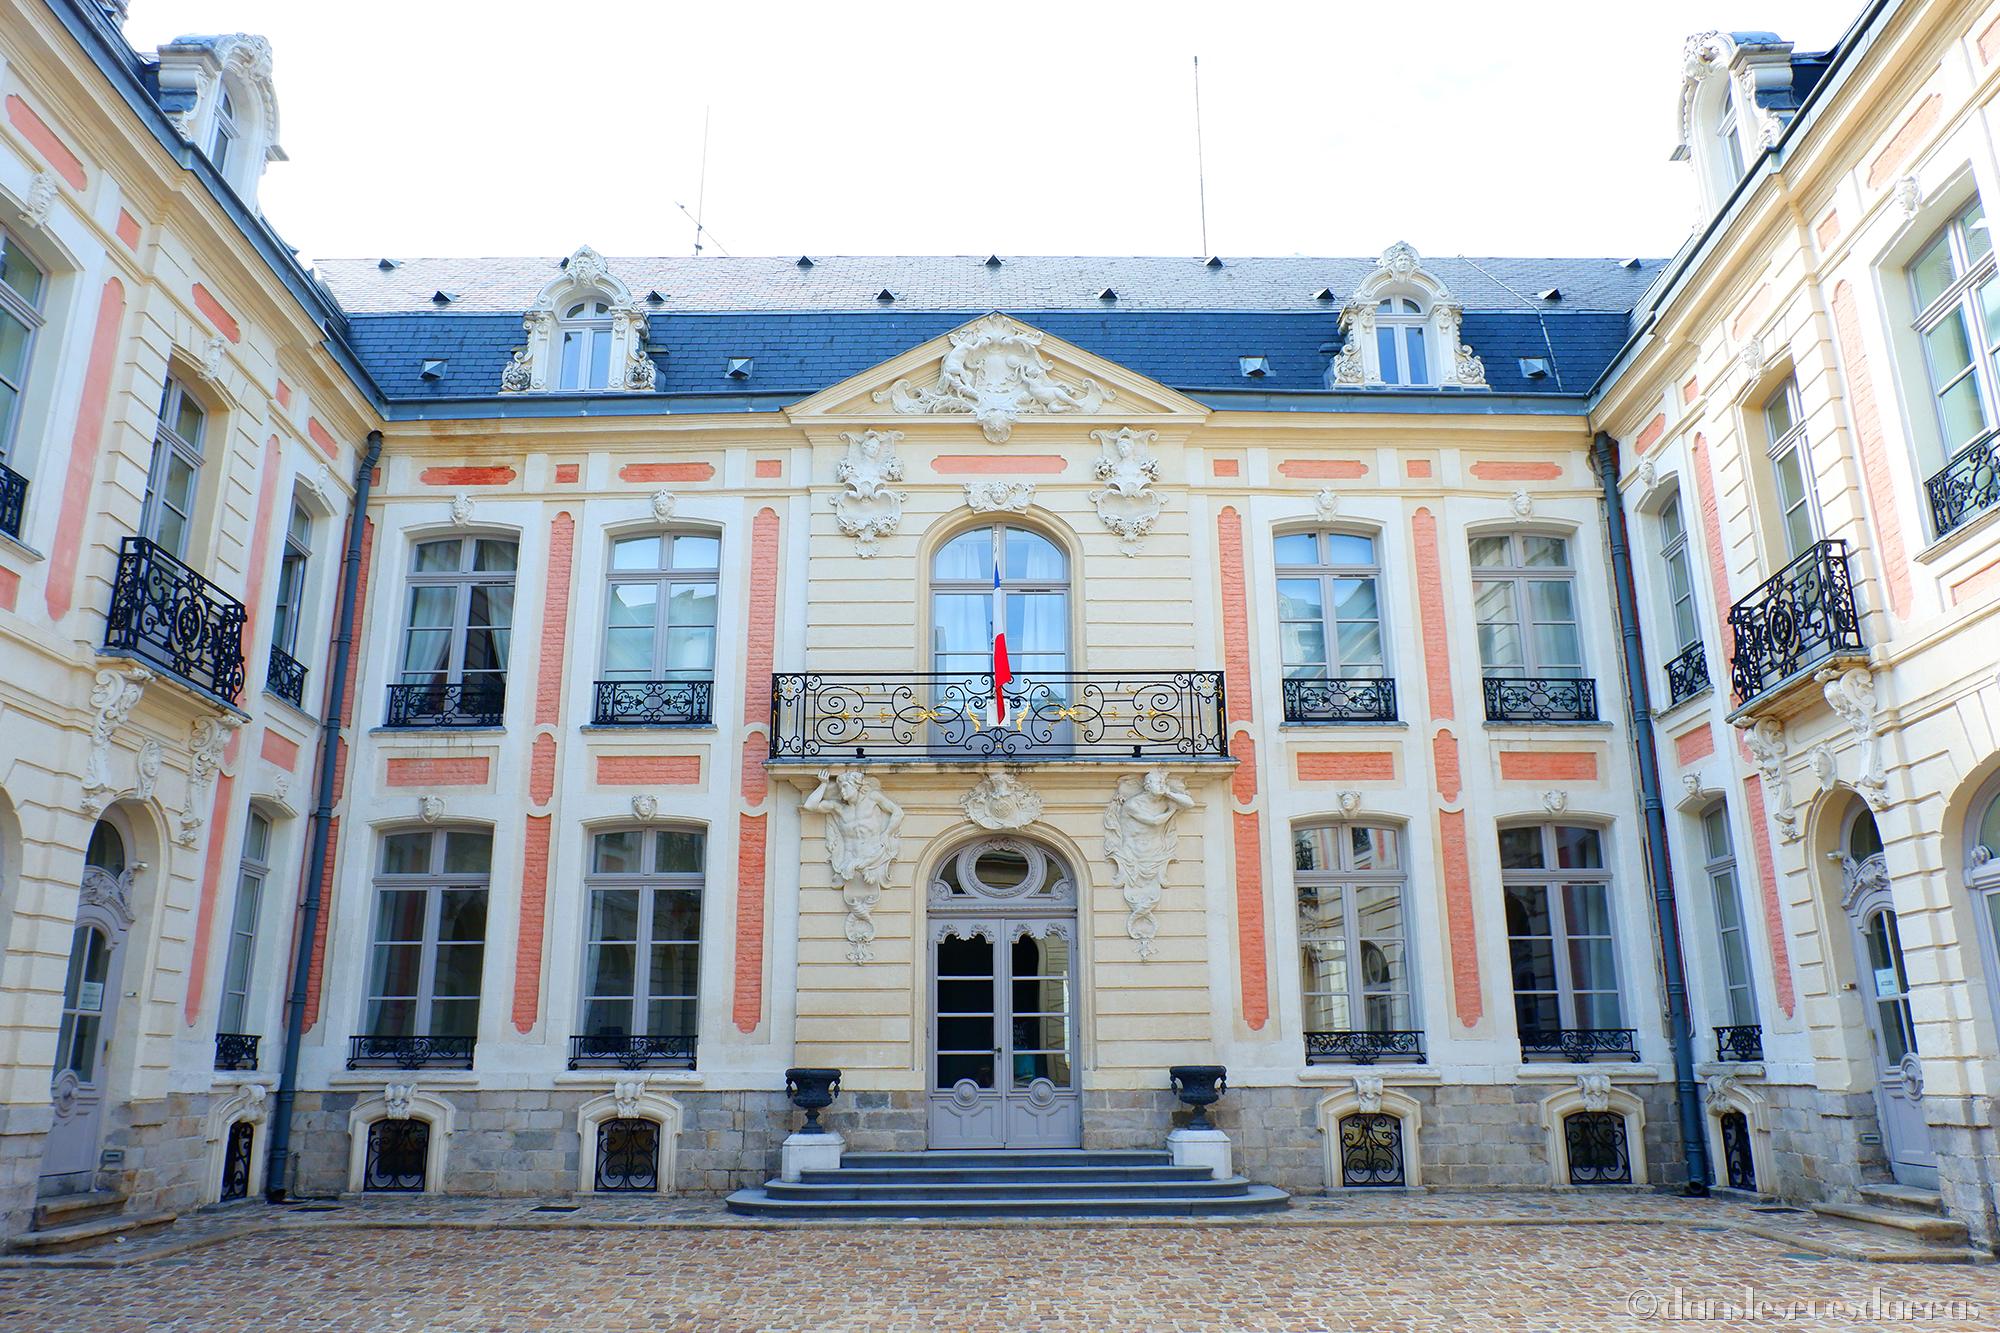 Hôtel Dubois de Fosseux - 14 rue du Marché-au-Filé - Arras (©MD - danslesruesdarras)